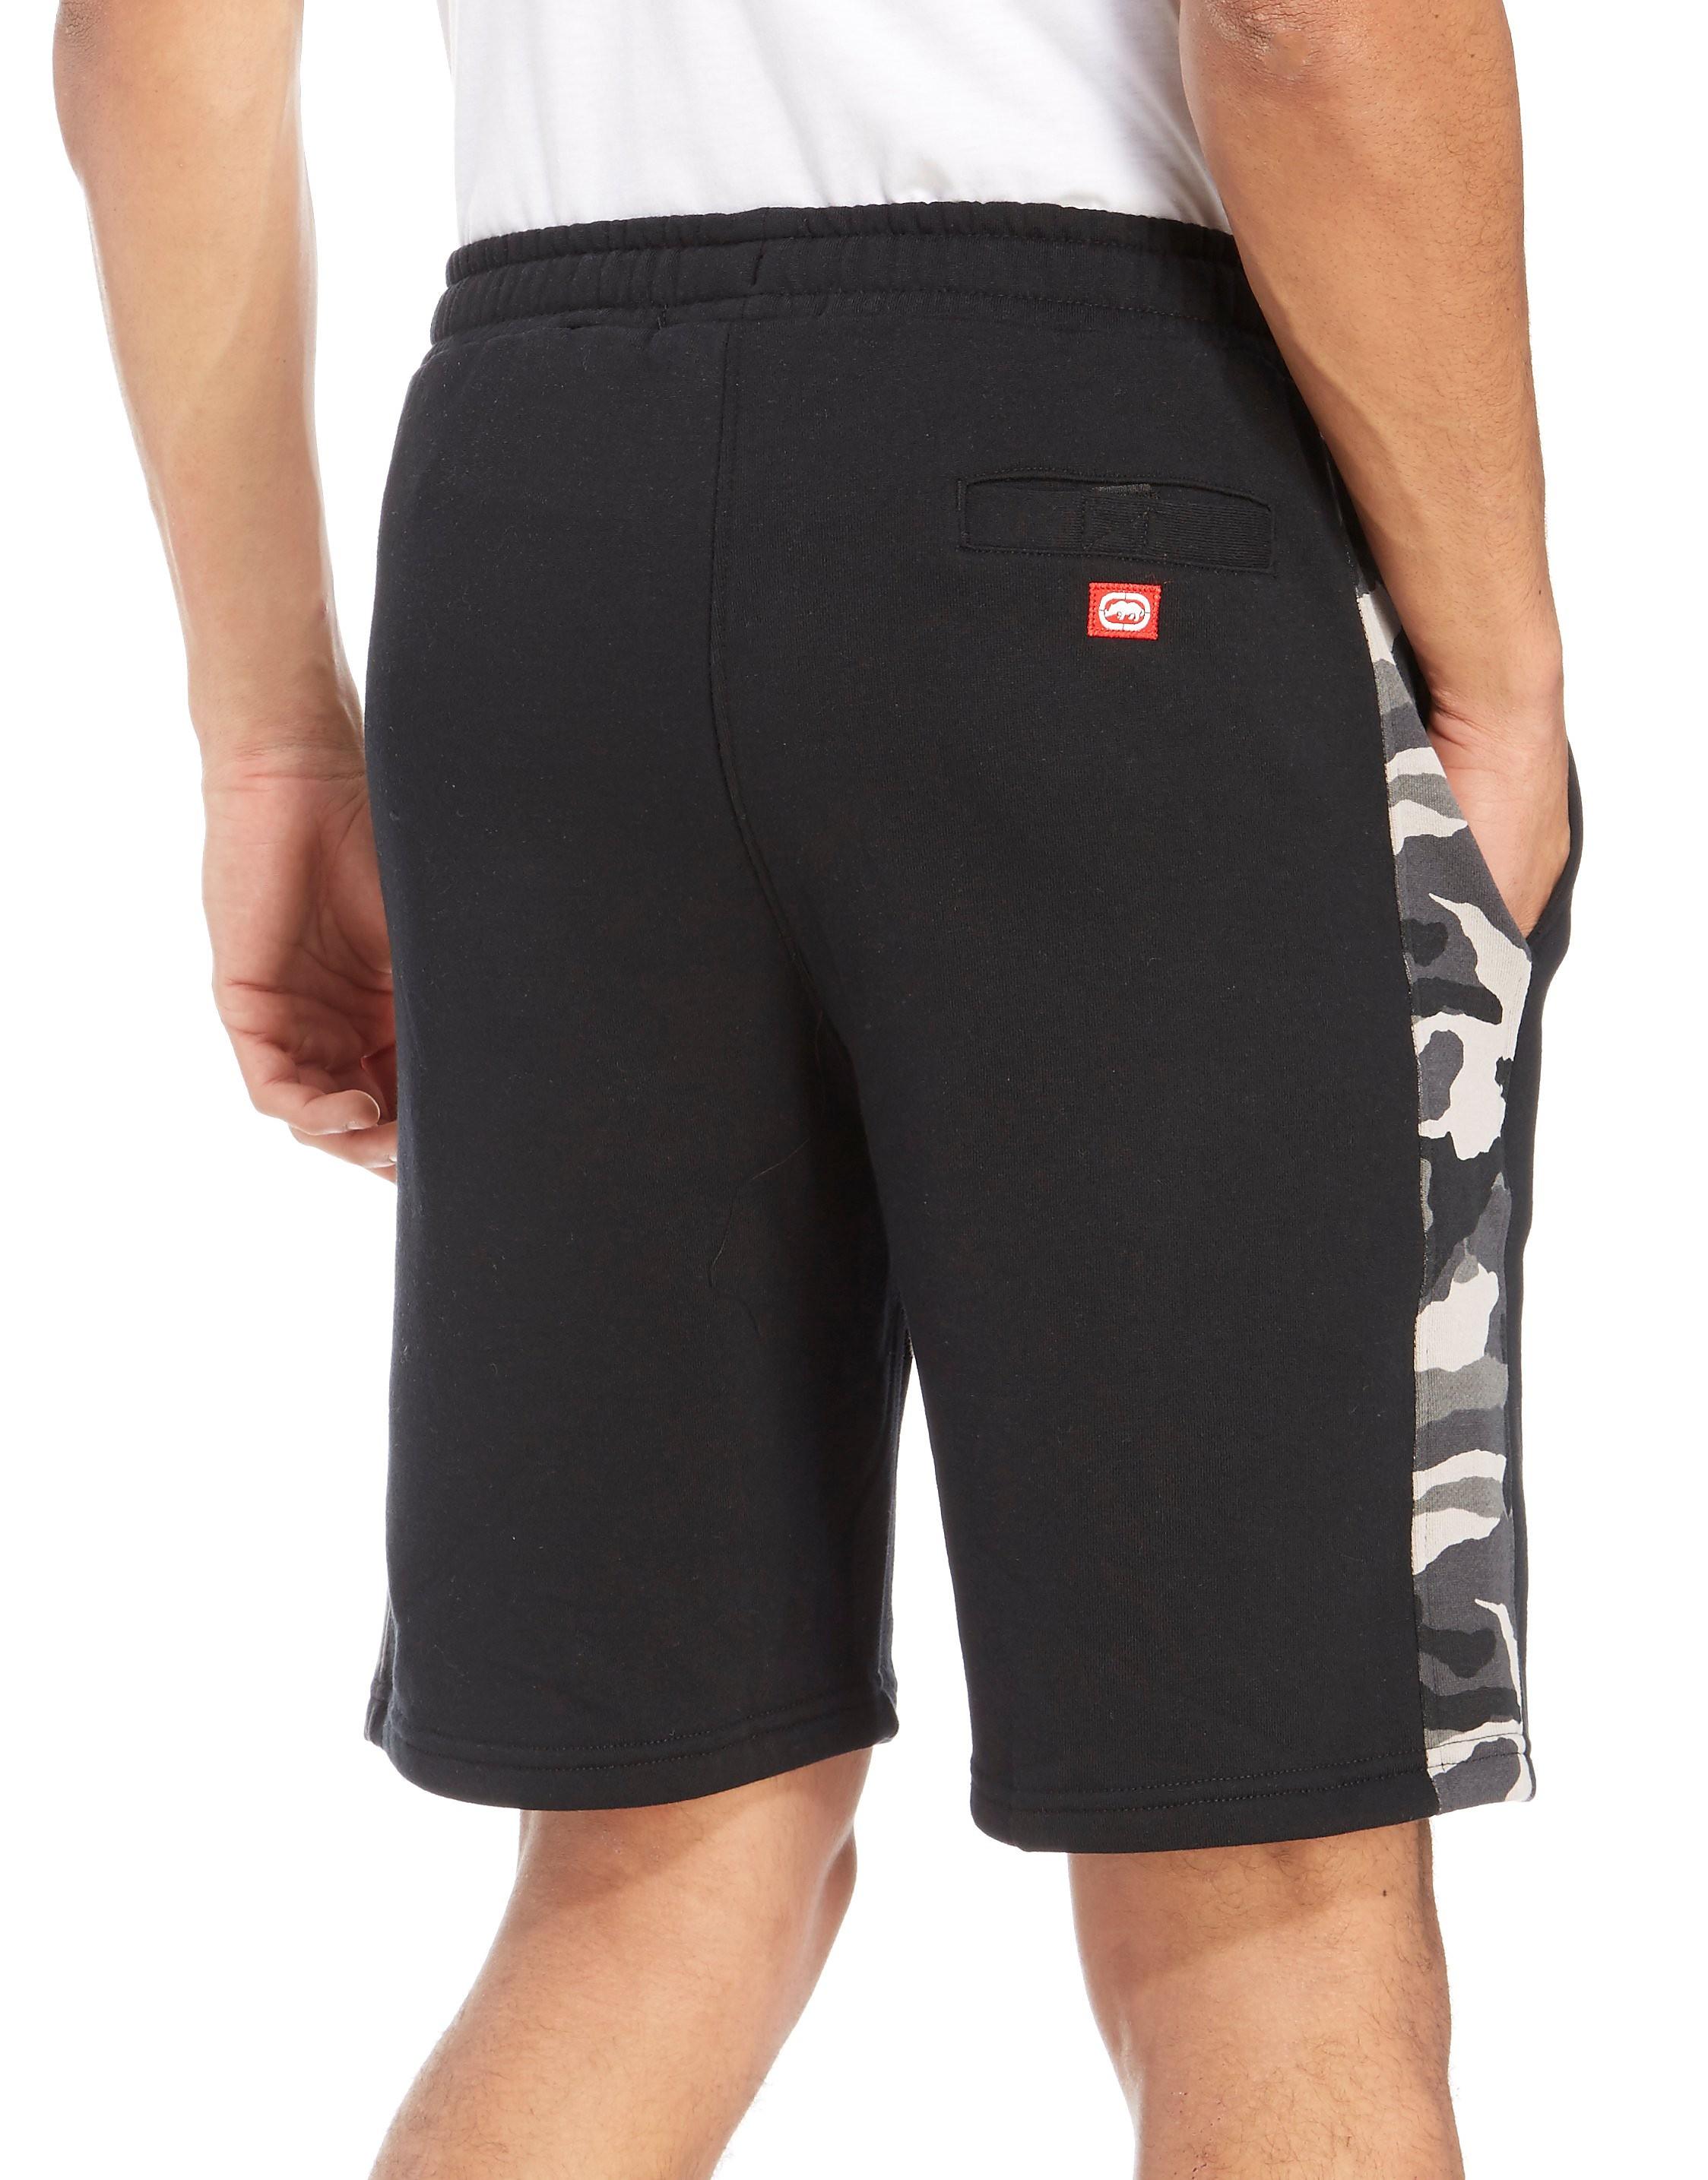 Ecko Dig Camo Trim Shorts